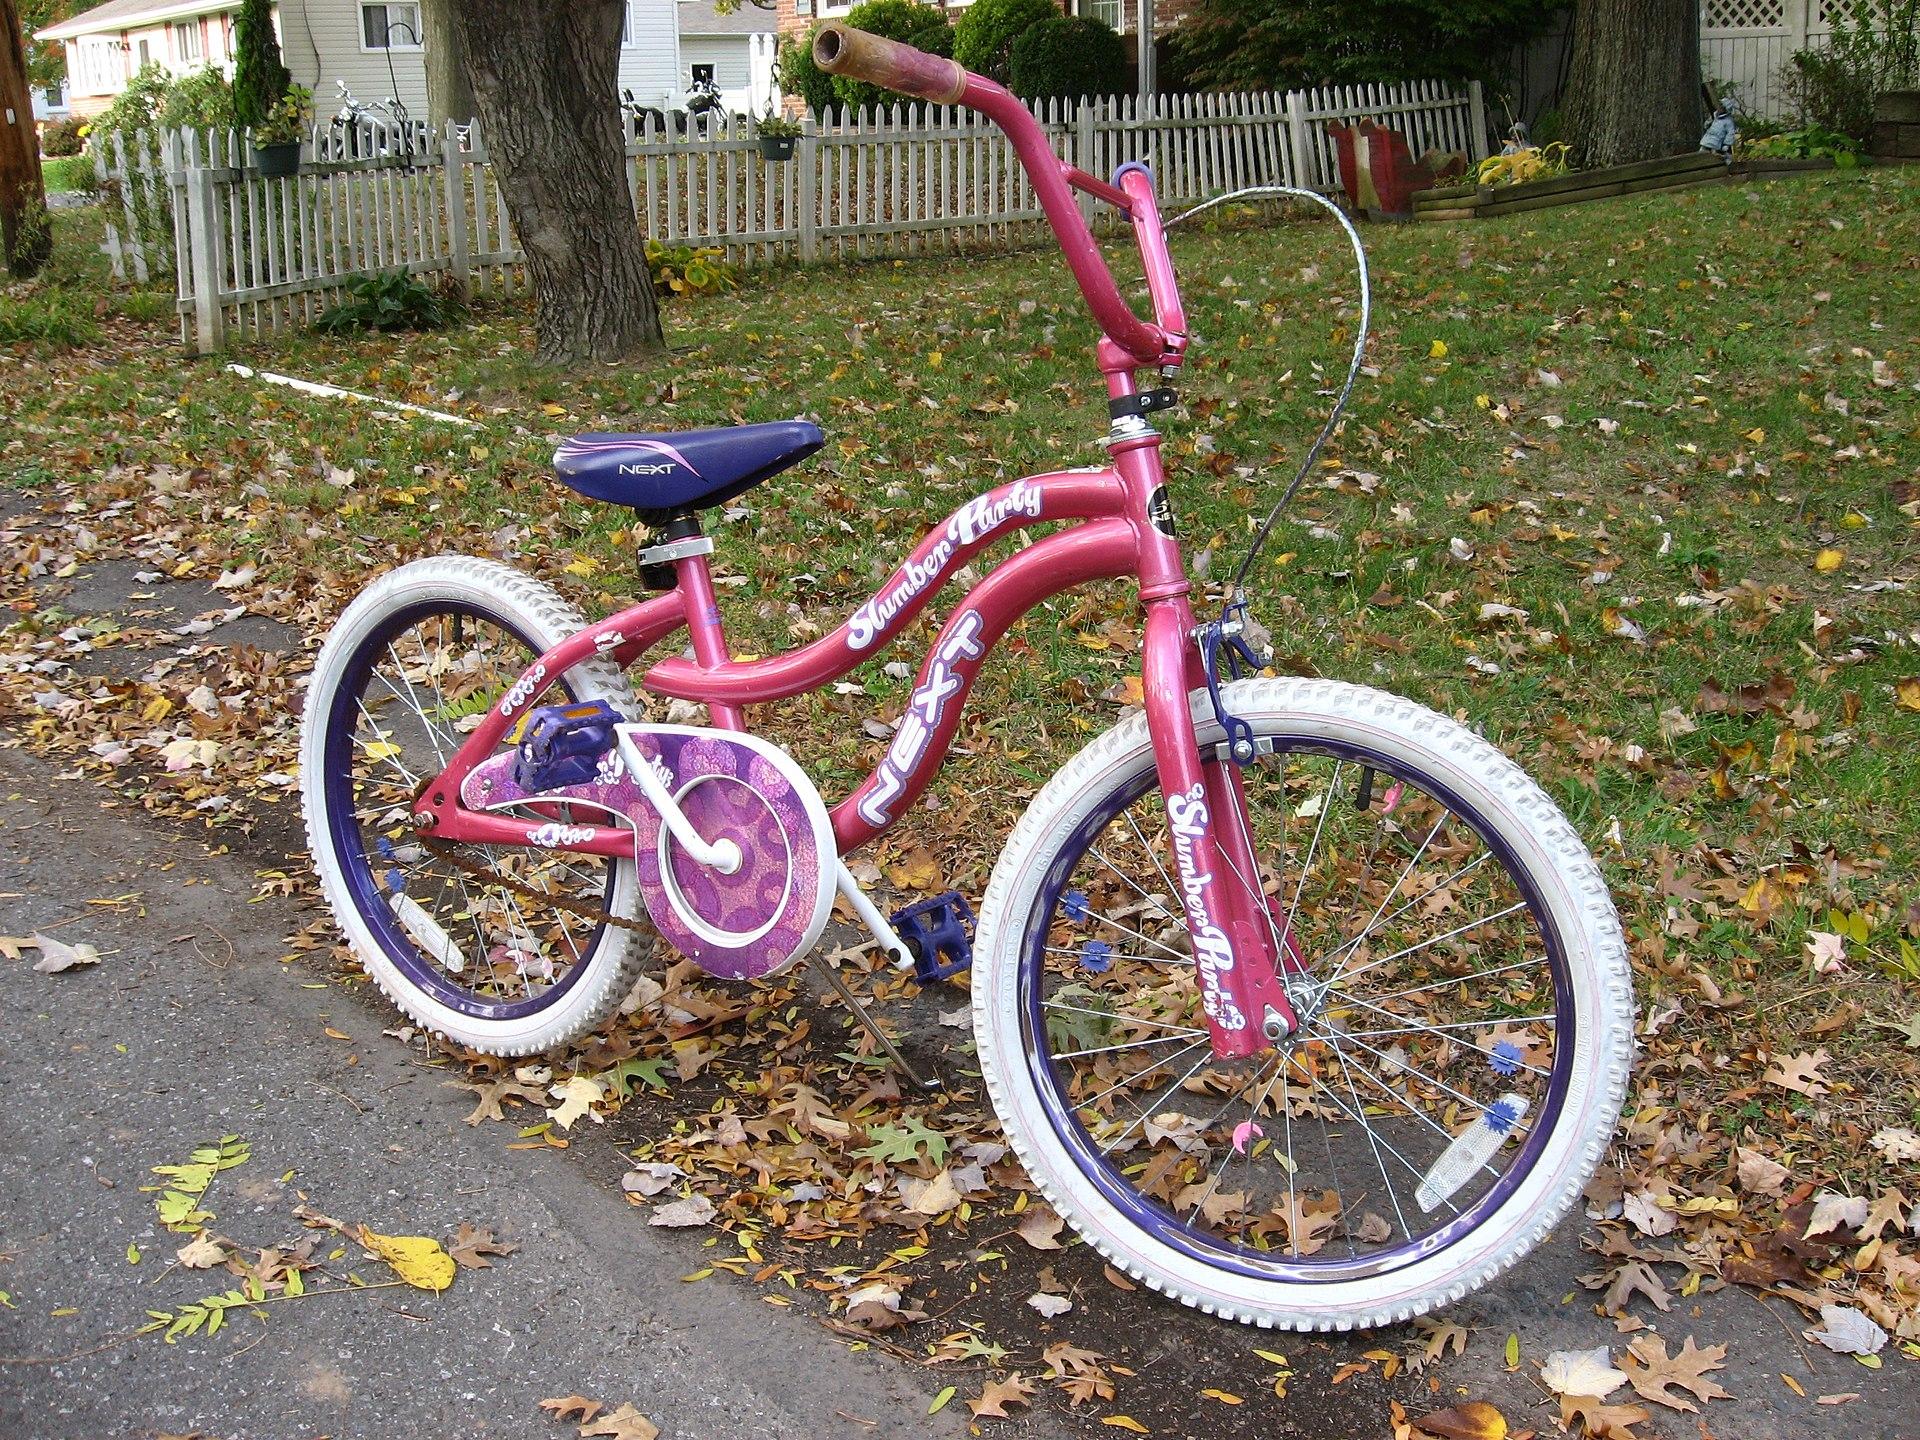 Bike Girls Toys For Birthdays : Next bicycle company wikipedia